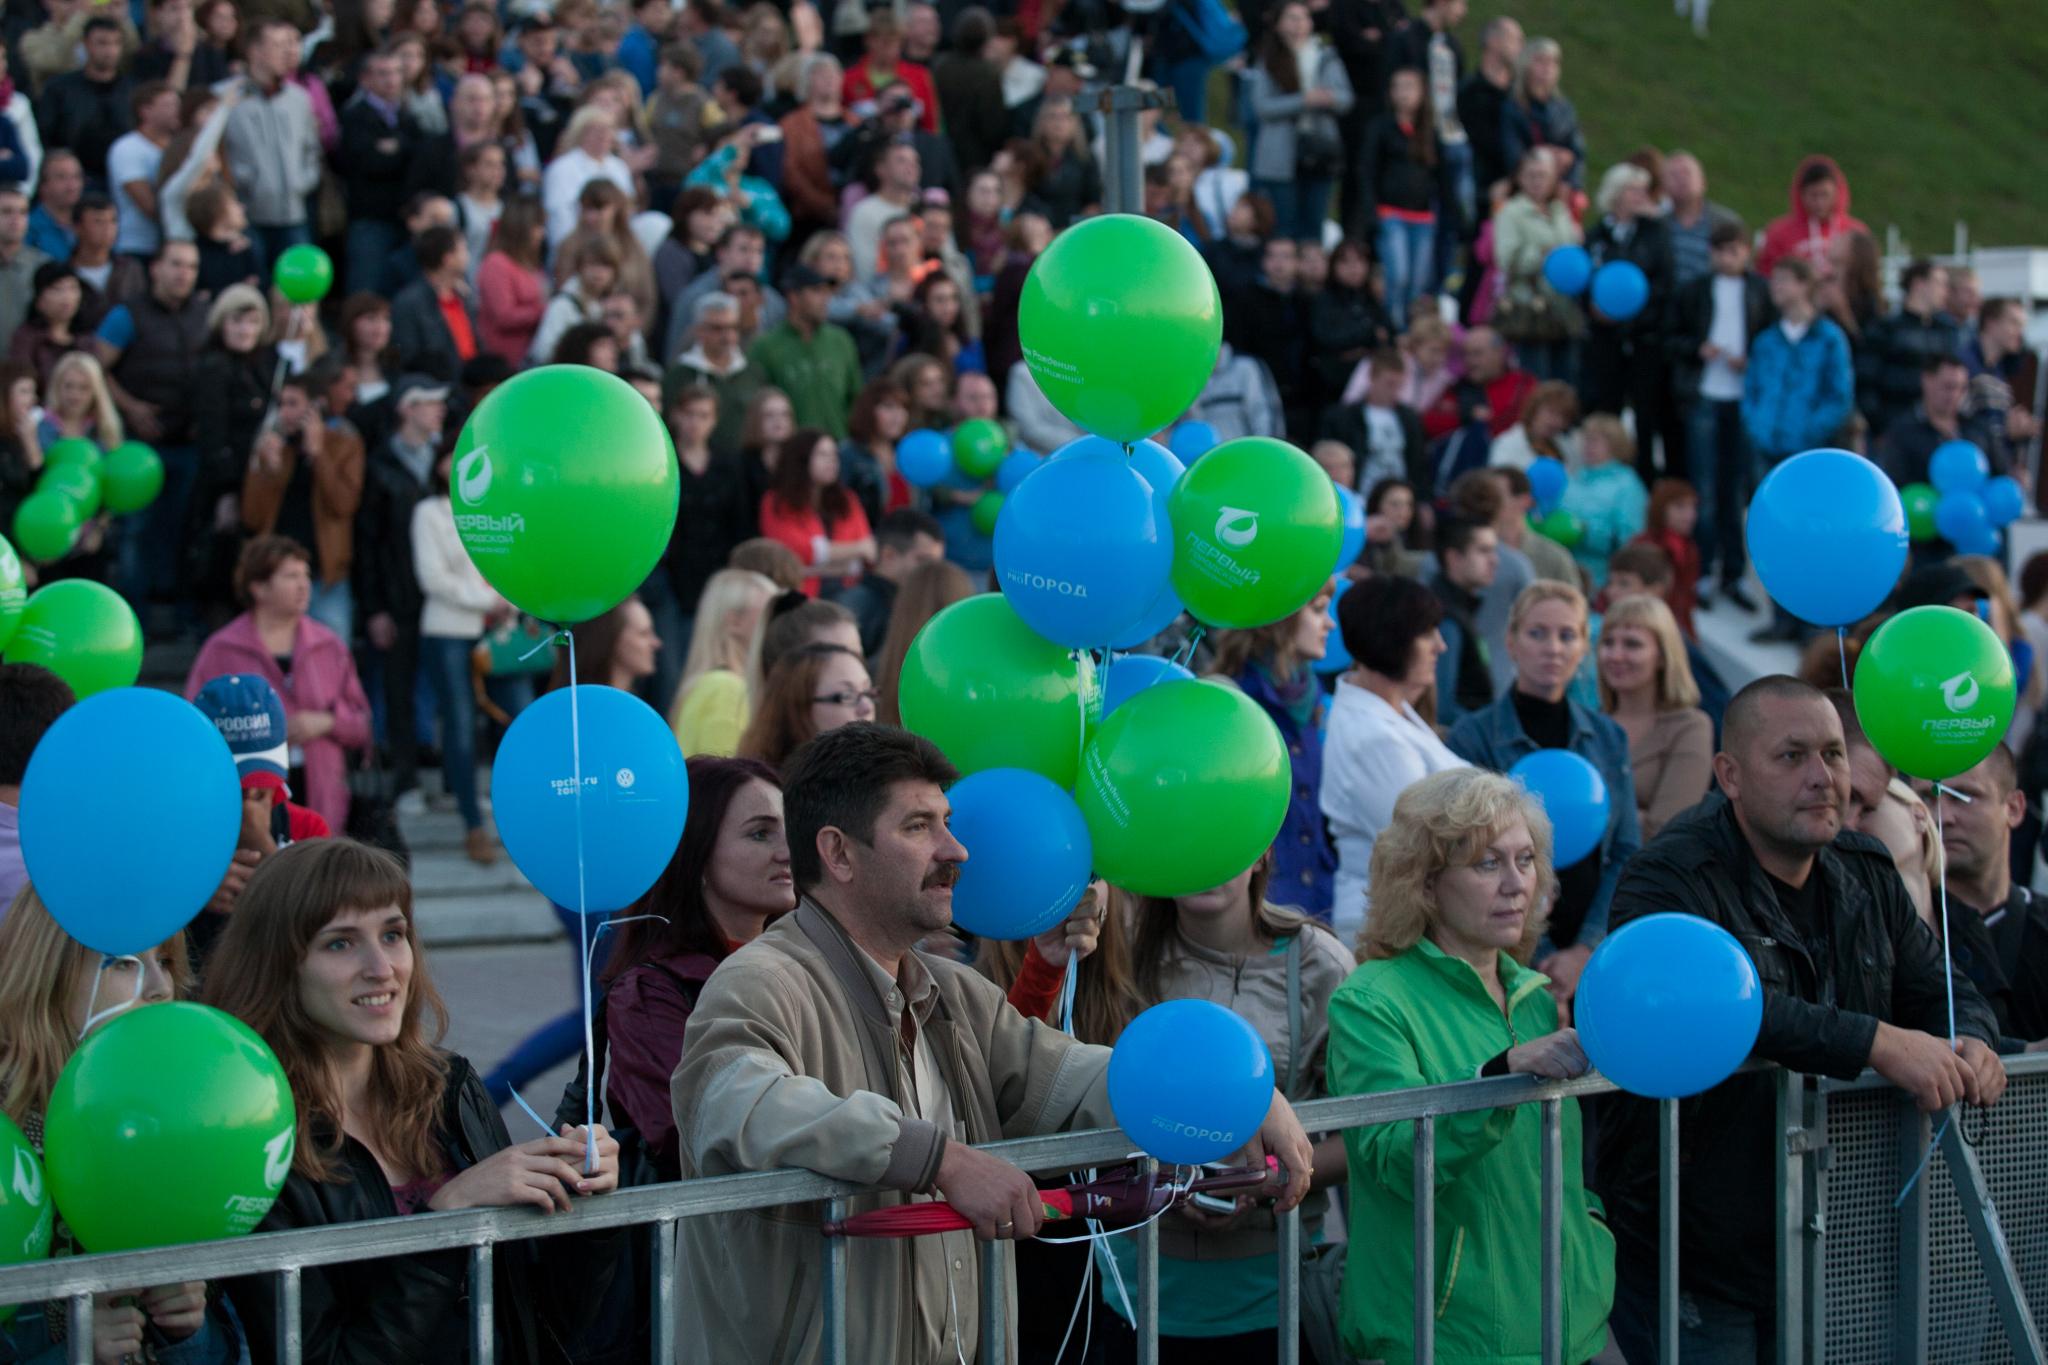 Что обсуждают в Чепецке: афиша на День города и льготы семьям с детьми